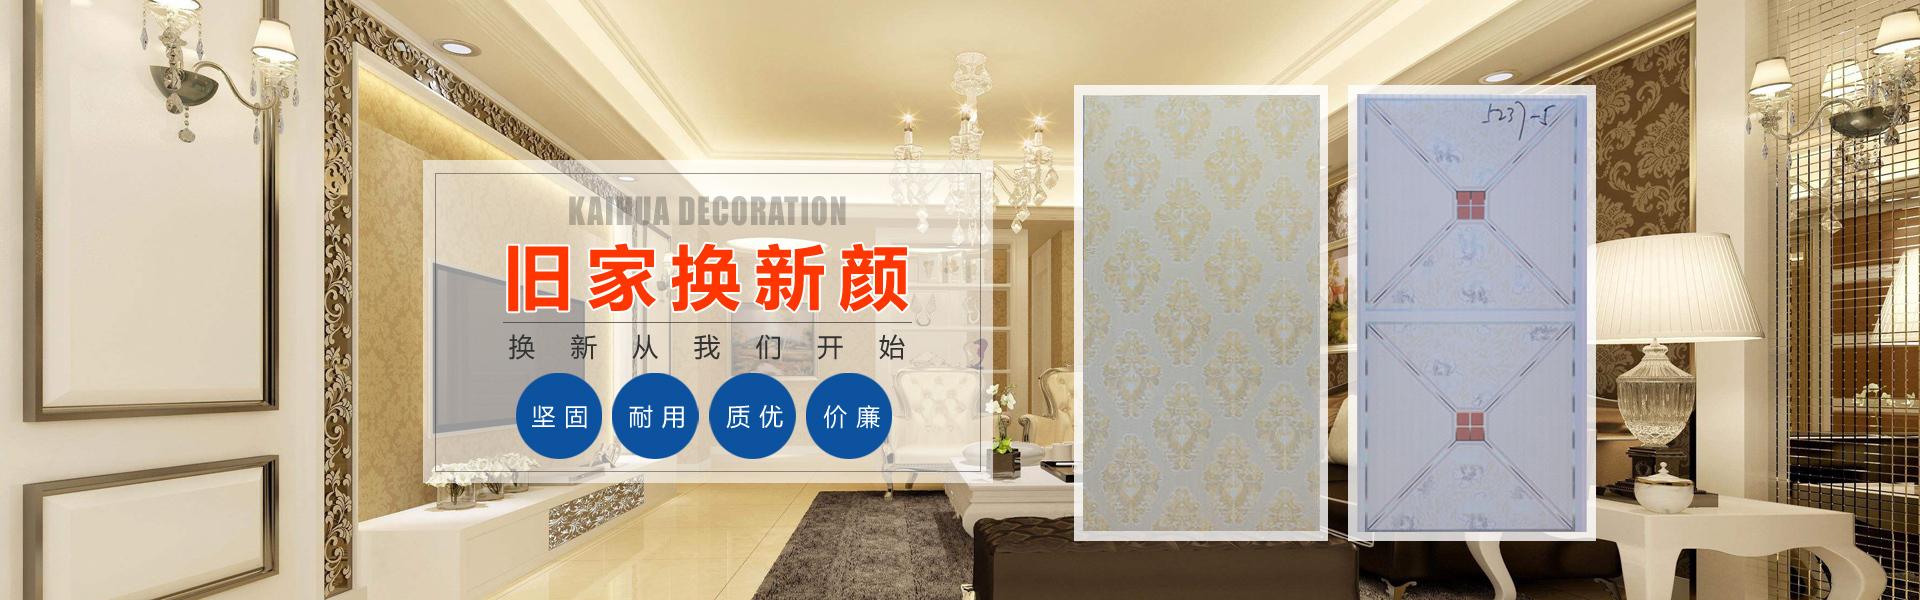 青州市凯华装饰材料有限公司